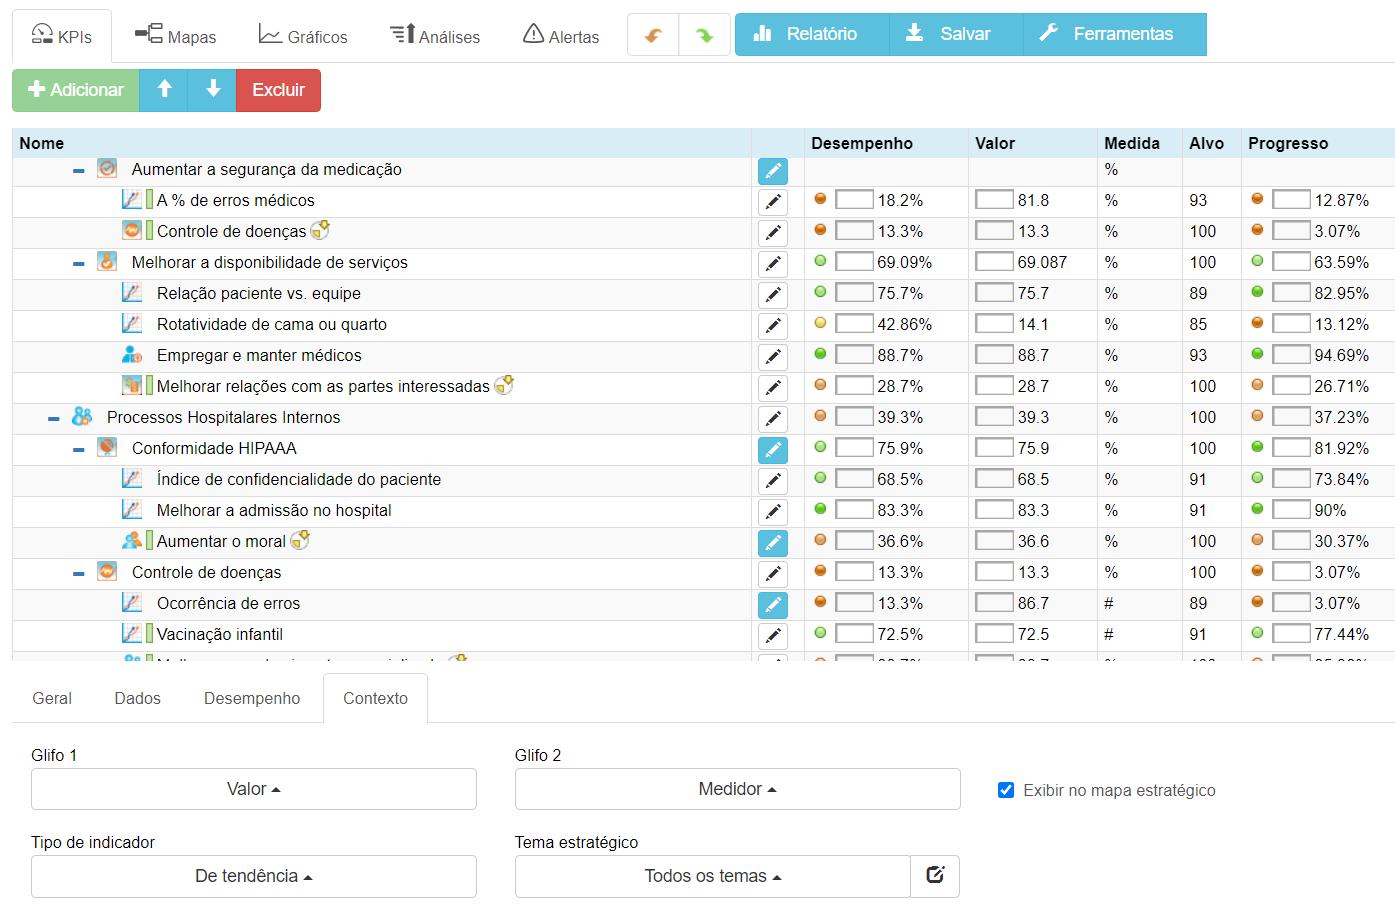 Exemplos de indicadores de desempenho do hospital de KPIs